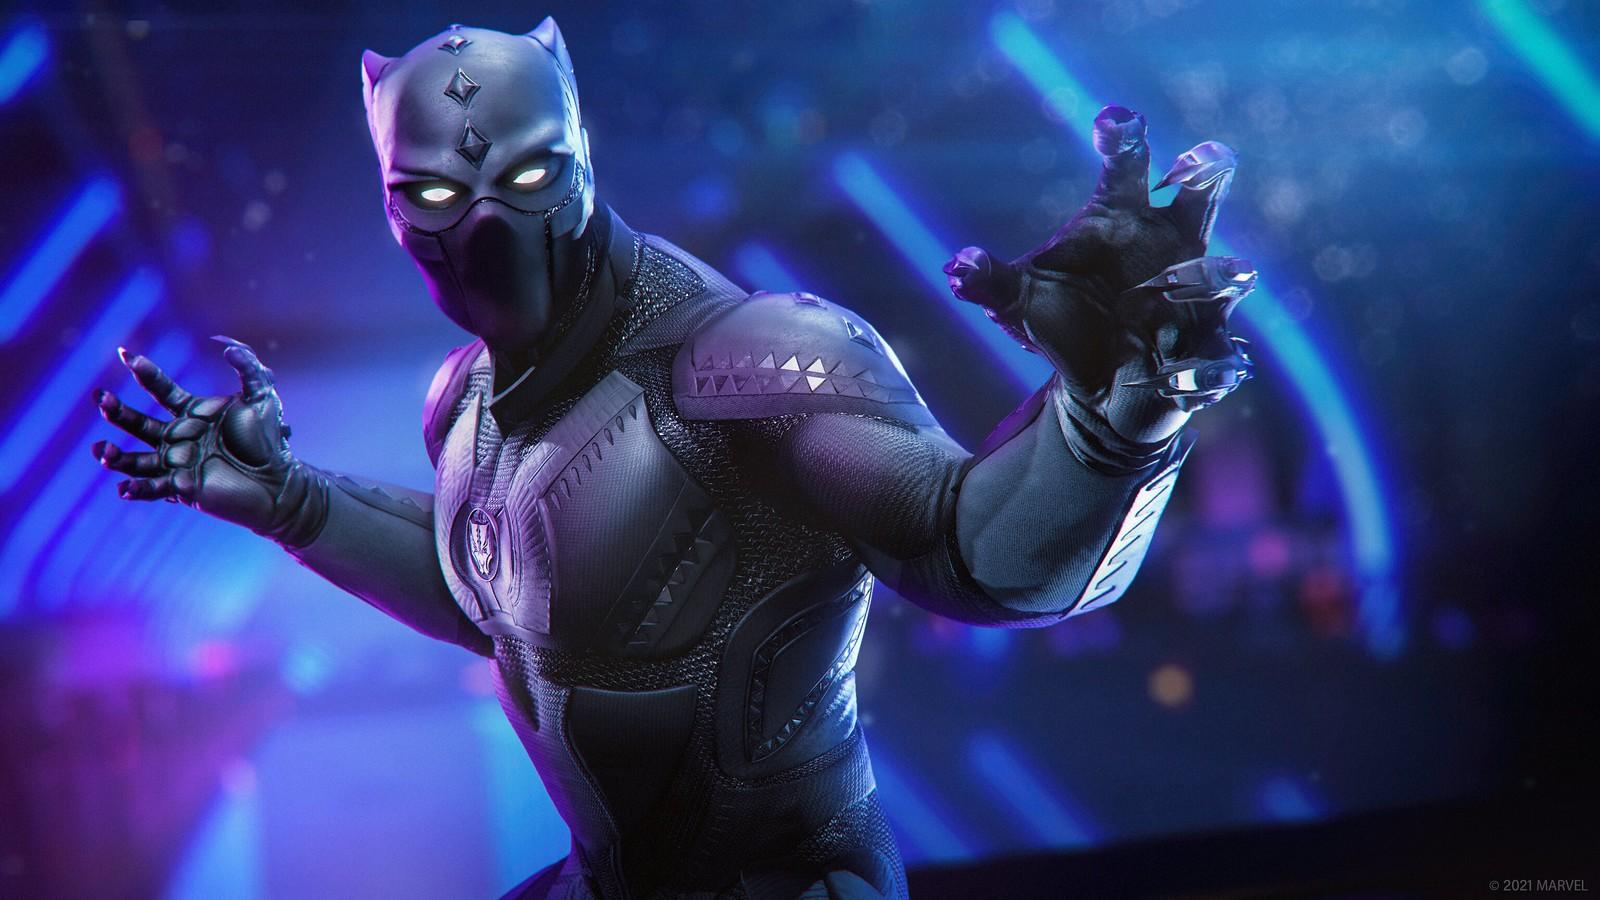 Marvel's Avengers - War for Wakanda